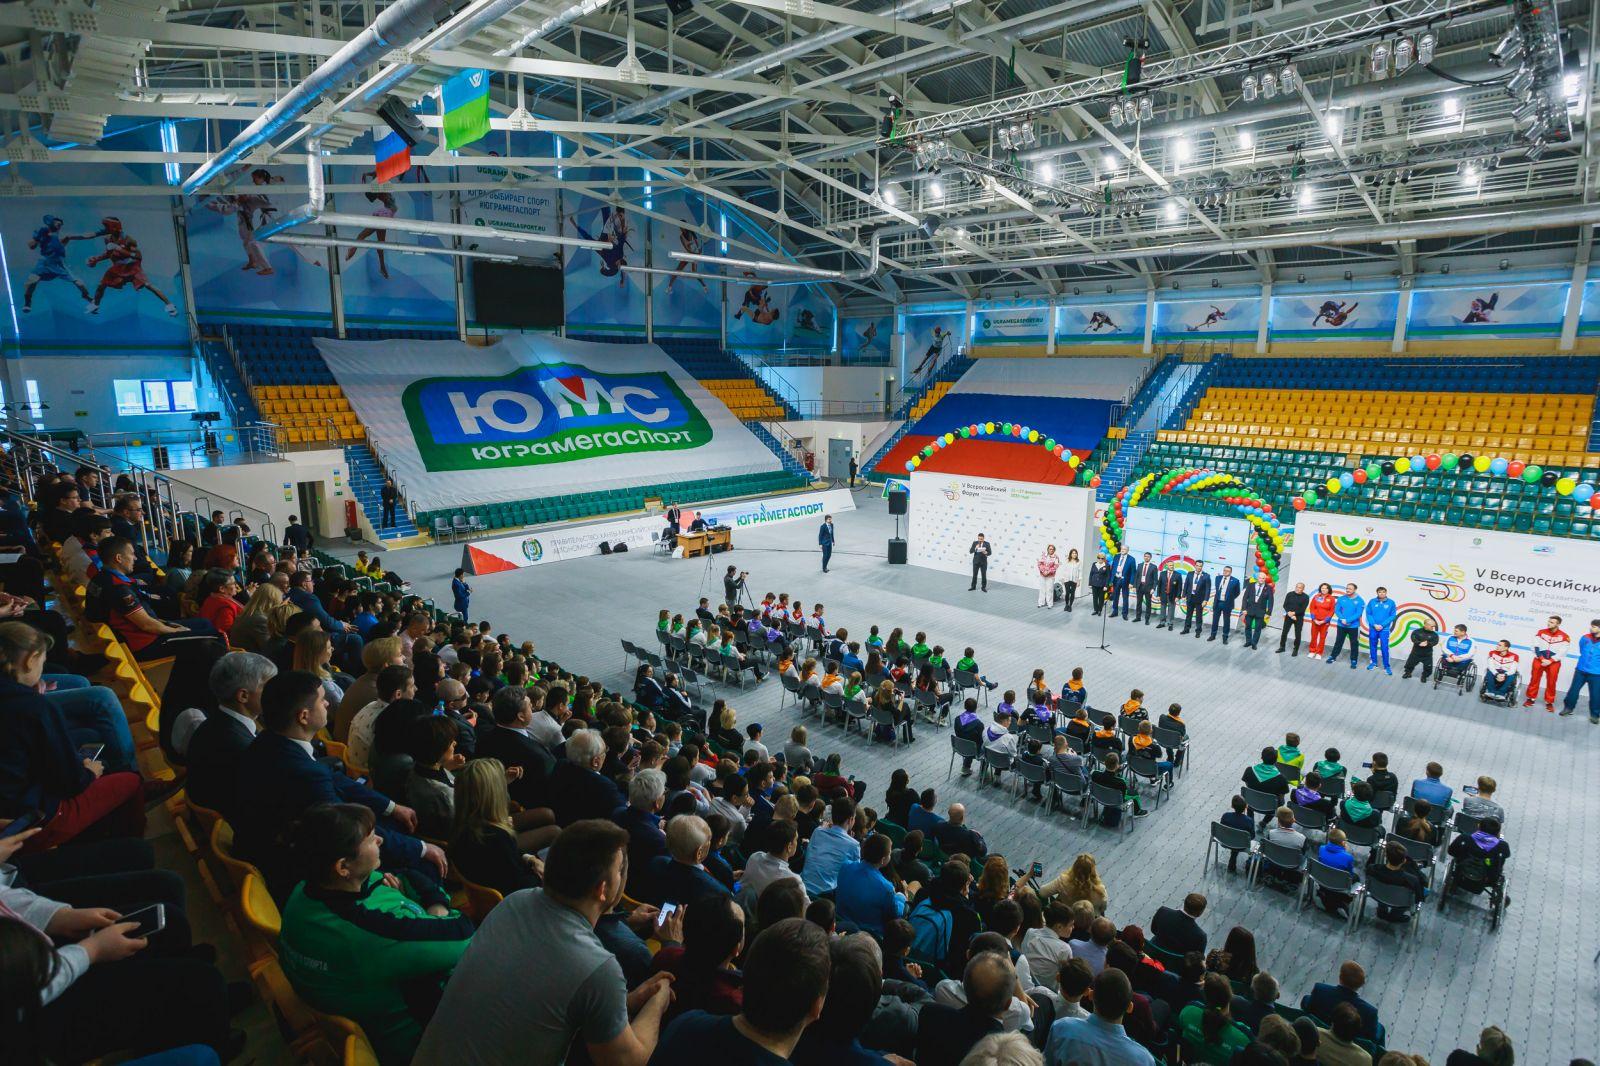 V Всероссийский форум по развитию паралимпийского движения в Российской Федерации стартовал в Ханты-Мансийске